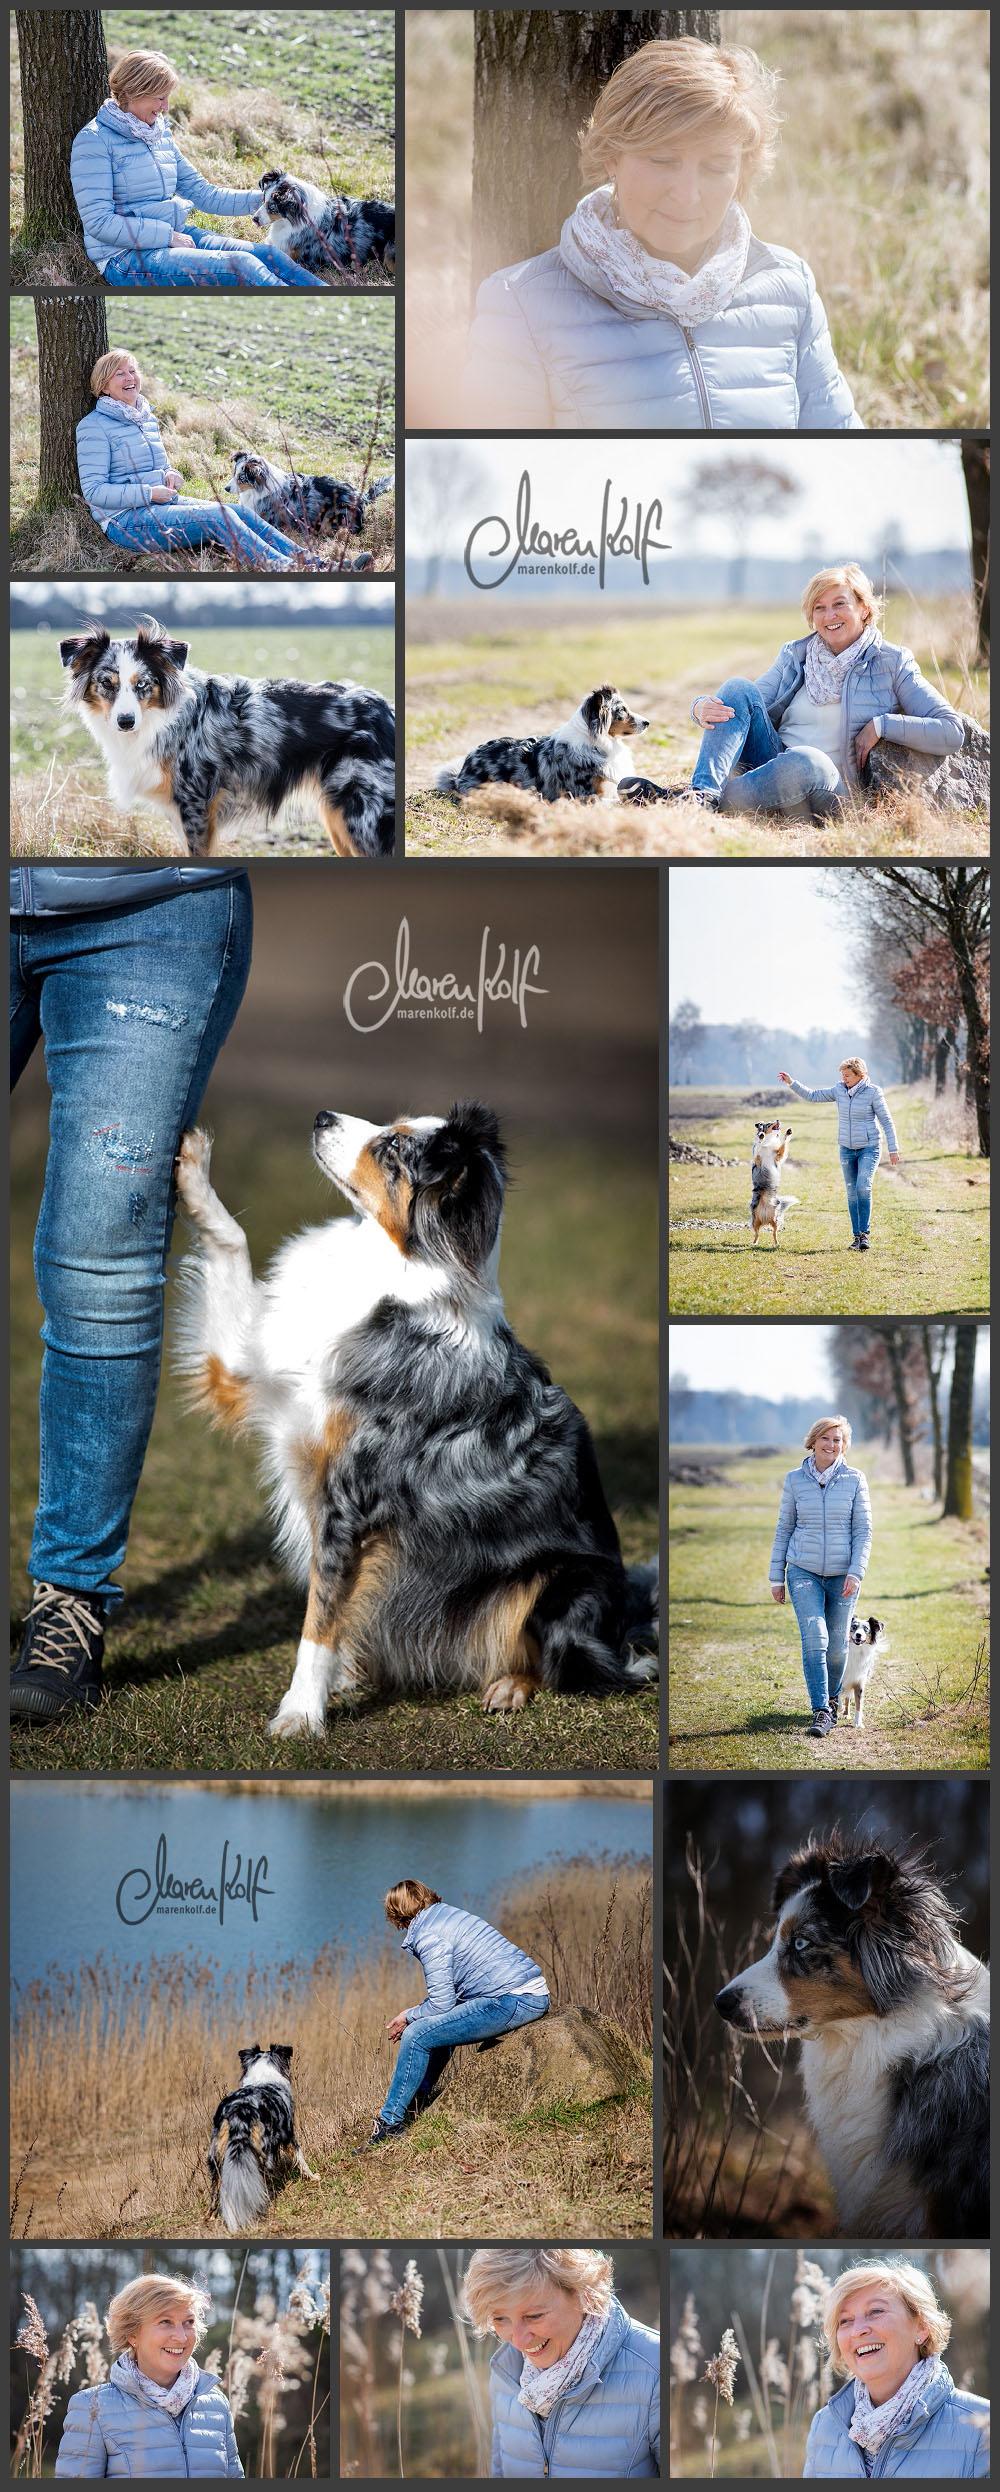 tierliebe-hund-und-mensch-portraitfotografie-tierfotografie-maren-kolf-wedemark-blog